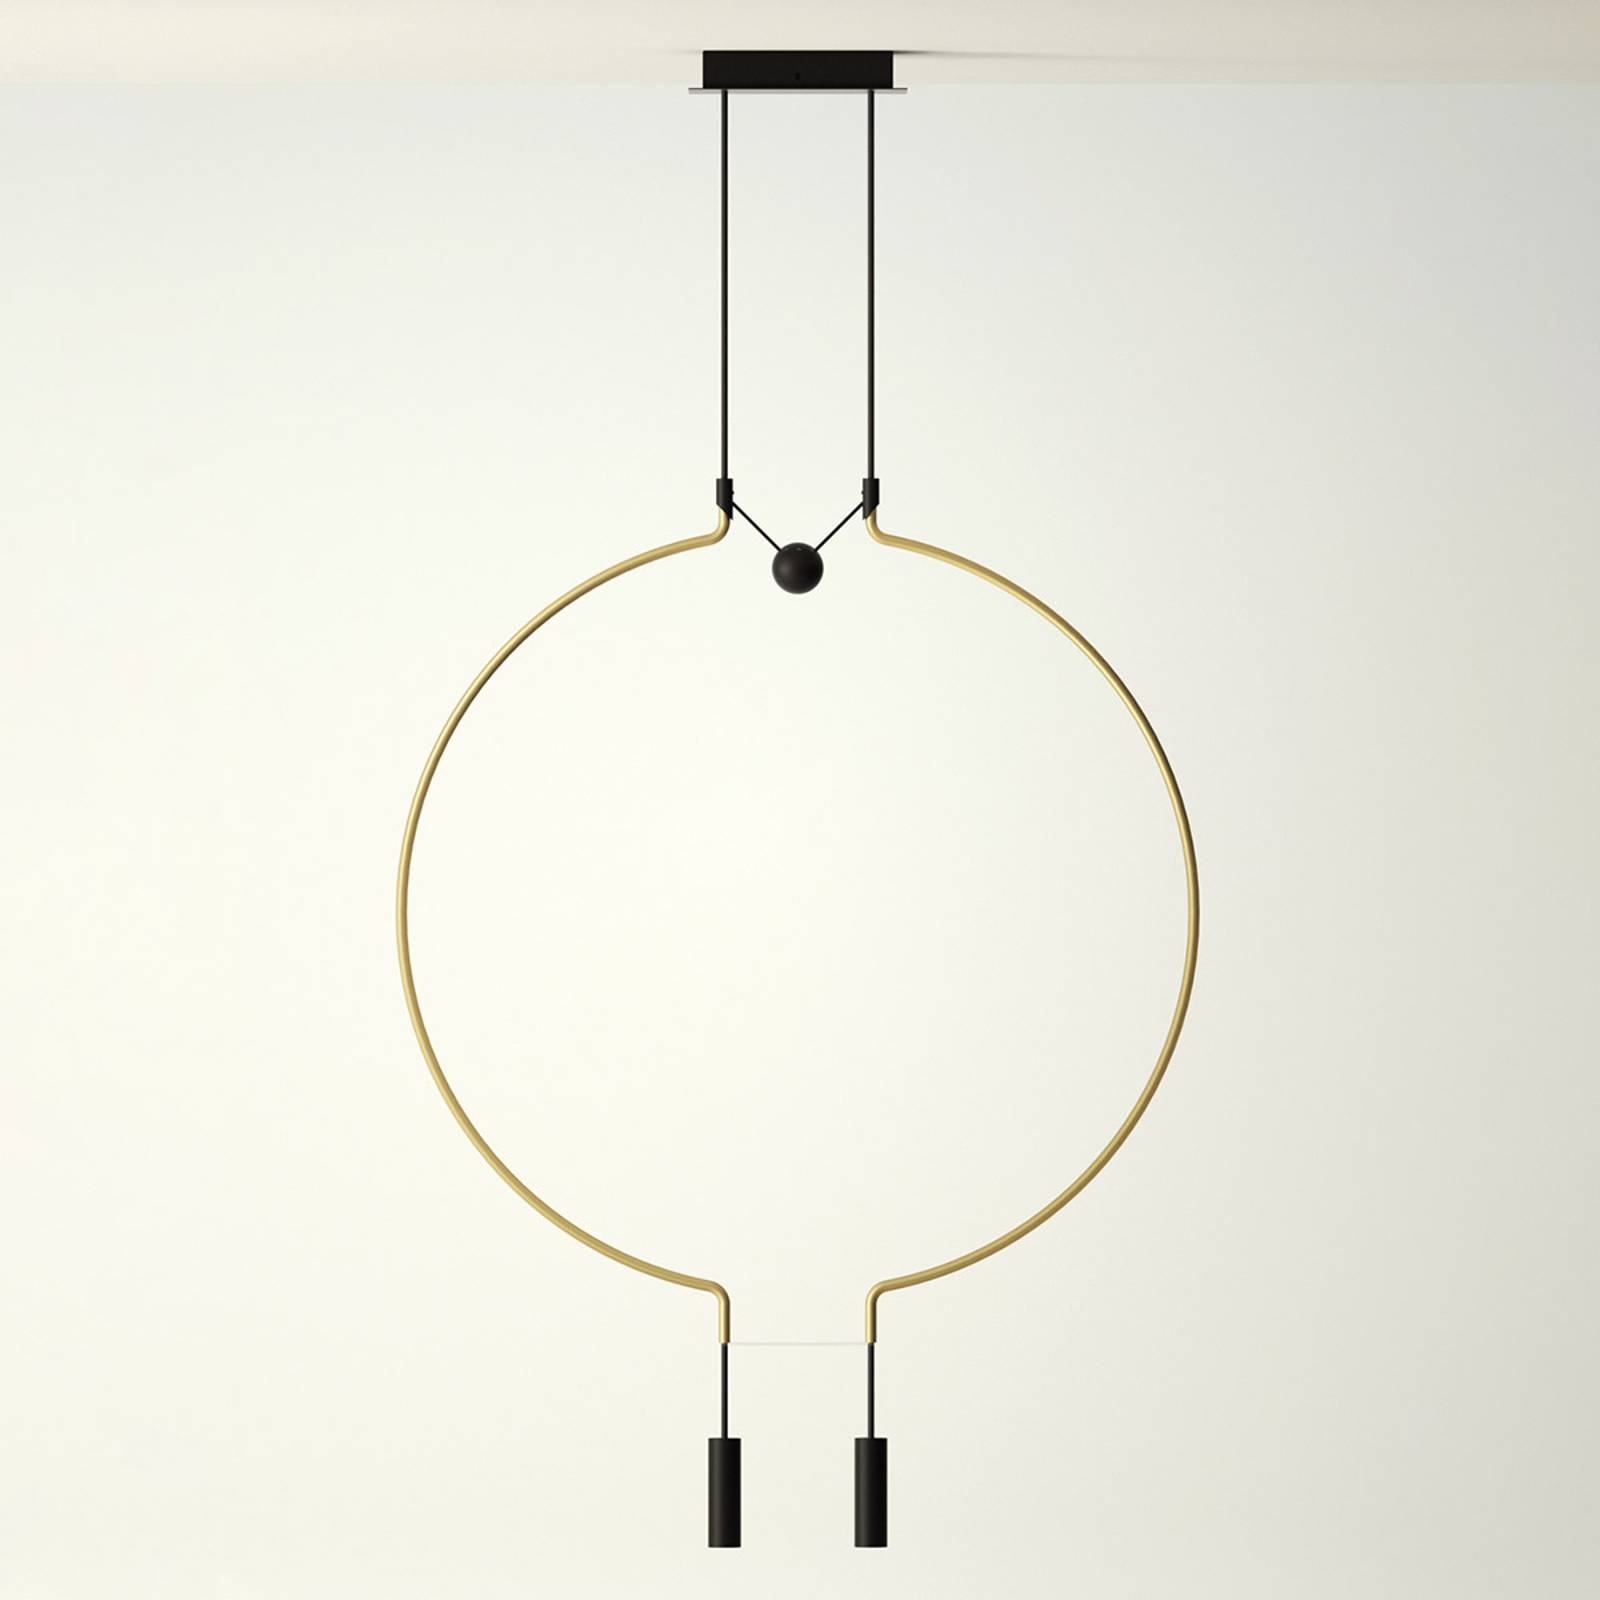 Axolight Liaison M2 riippulamppu kulta/musta 84 cm